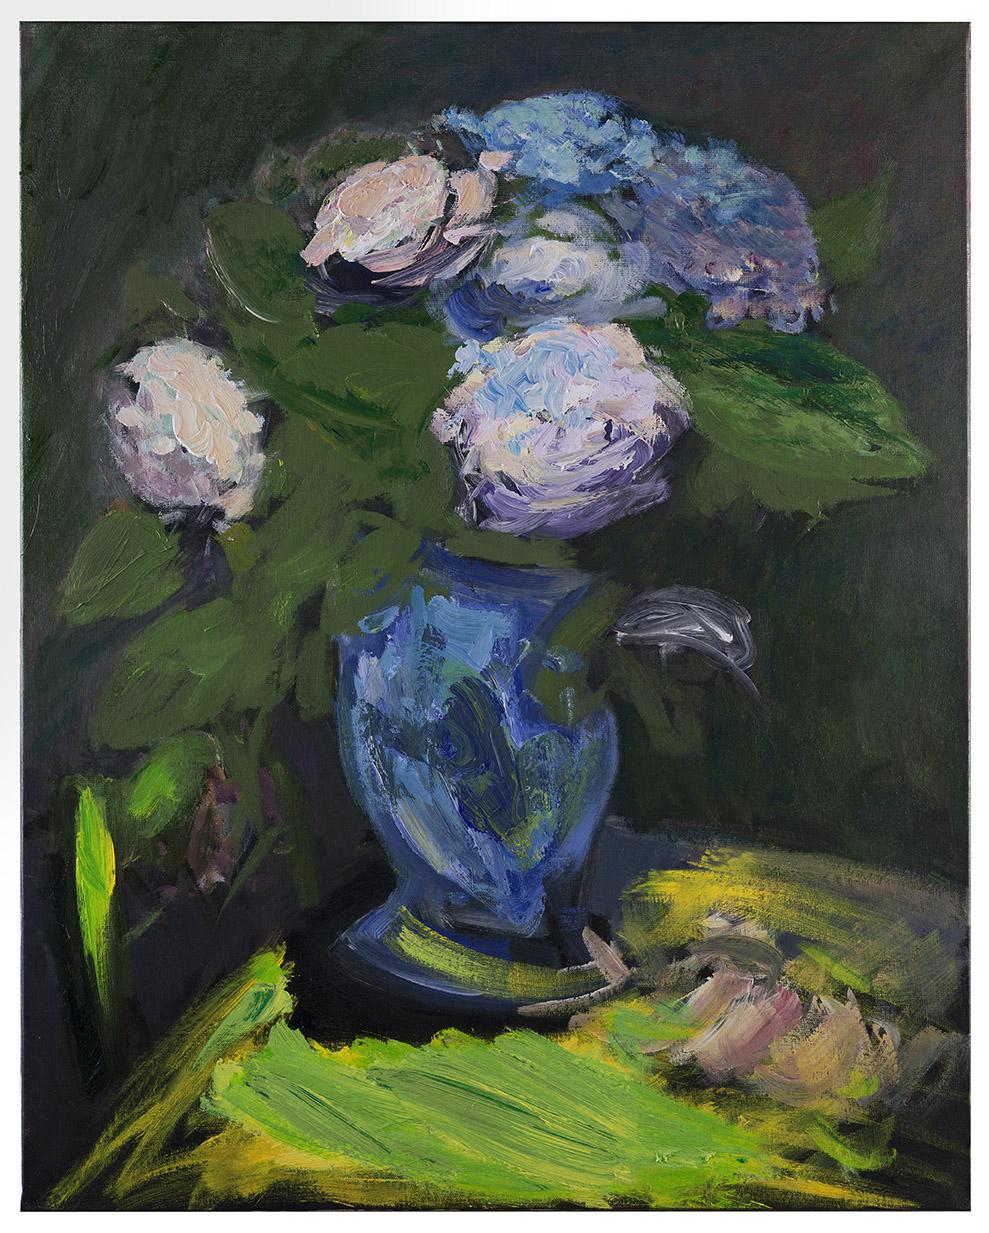 Tableau d'Hortensias bleus (par Patrice Giorda)